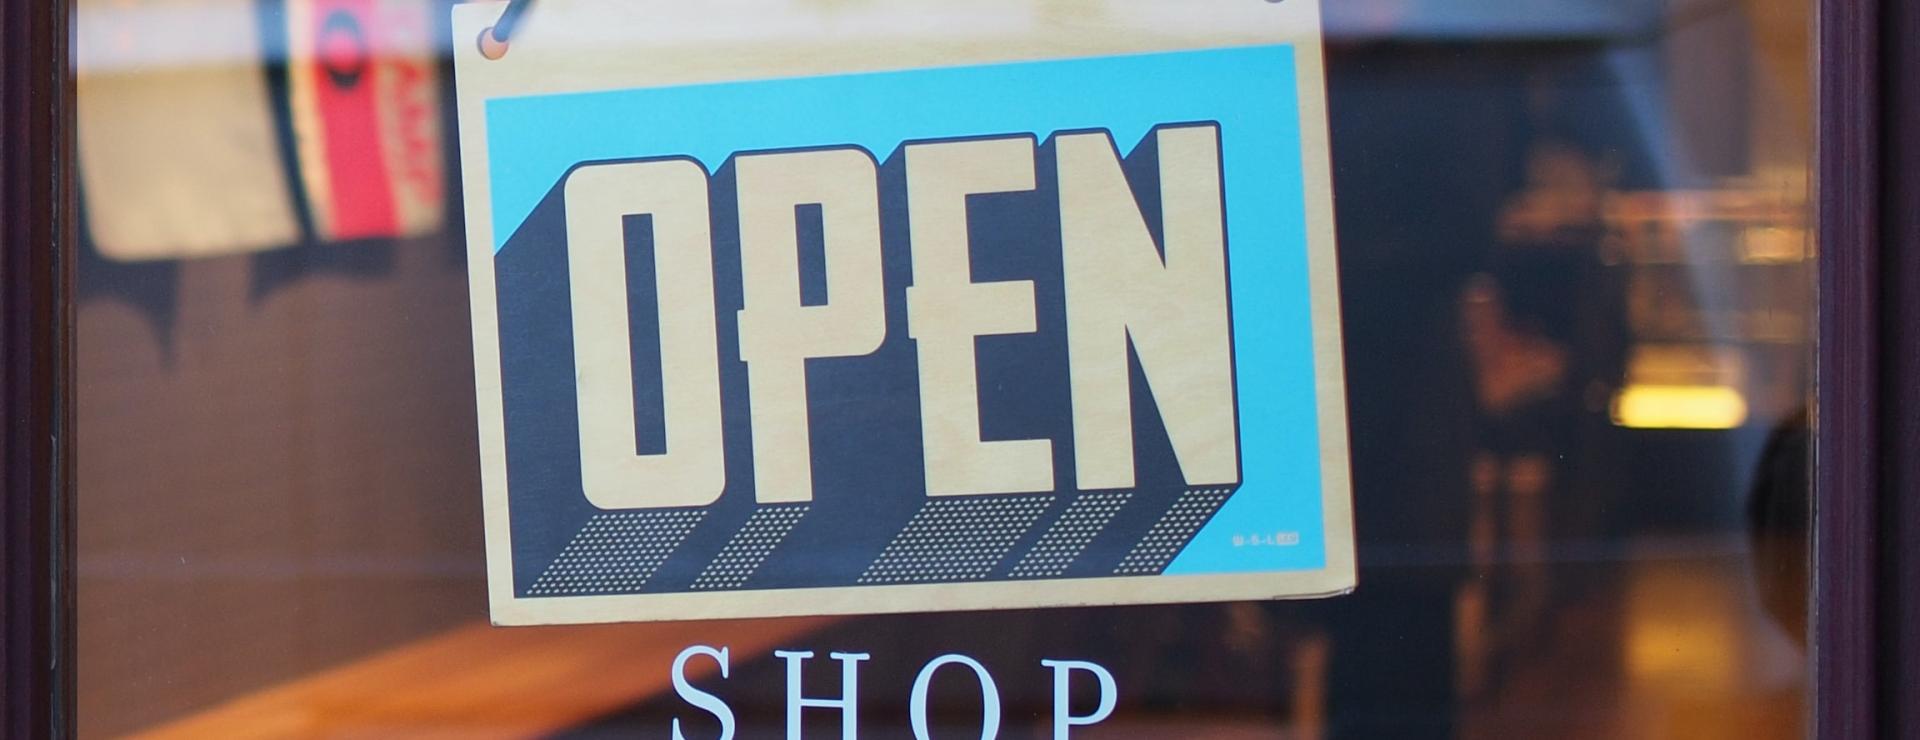 Blue open sign in shop window